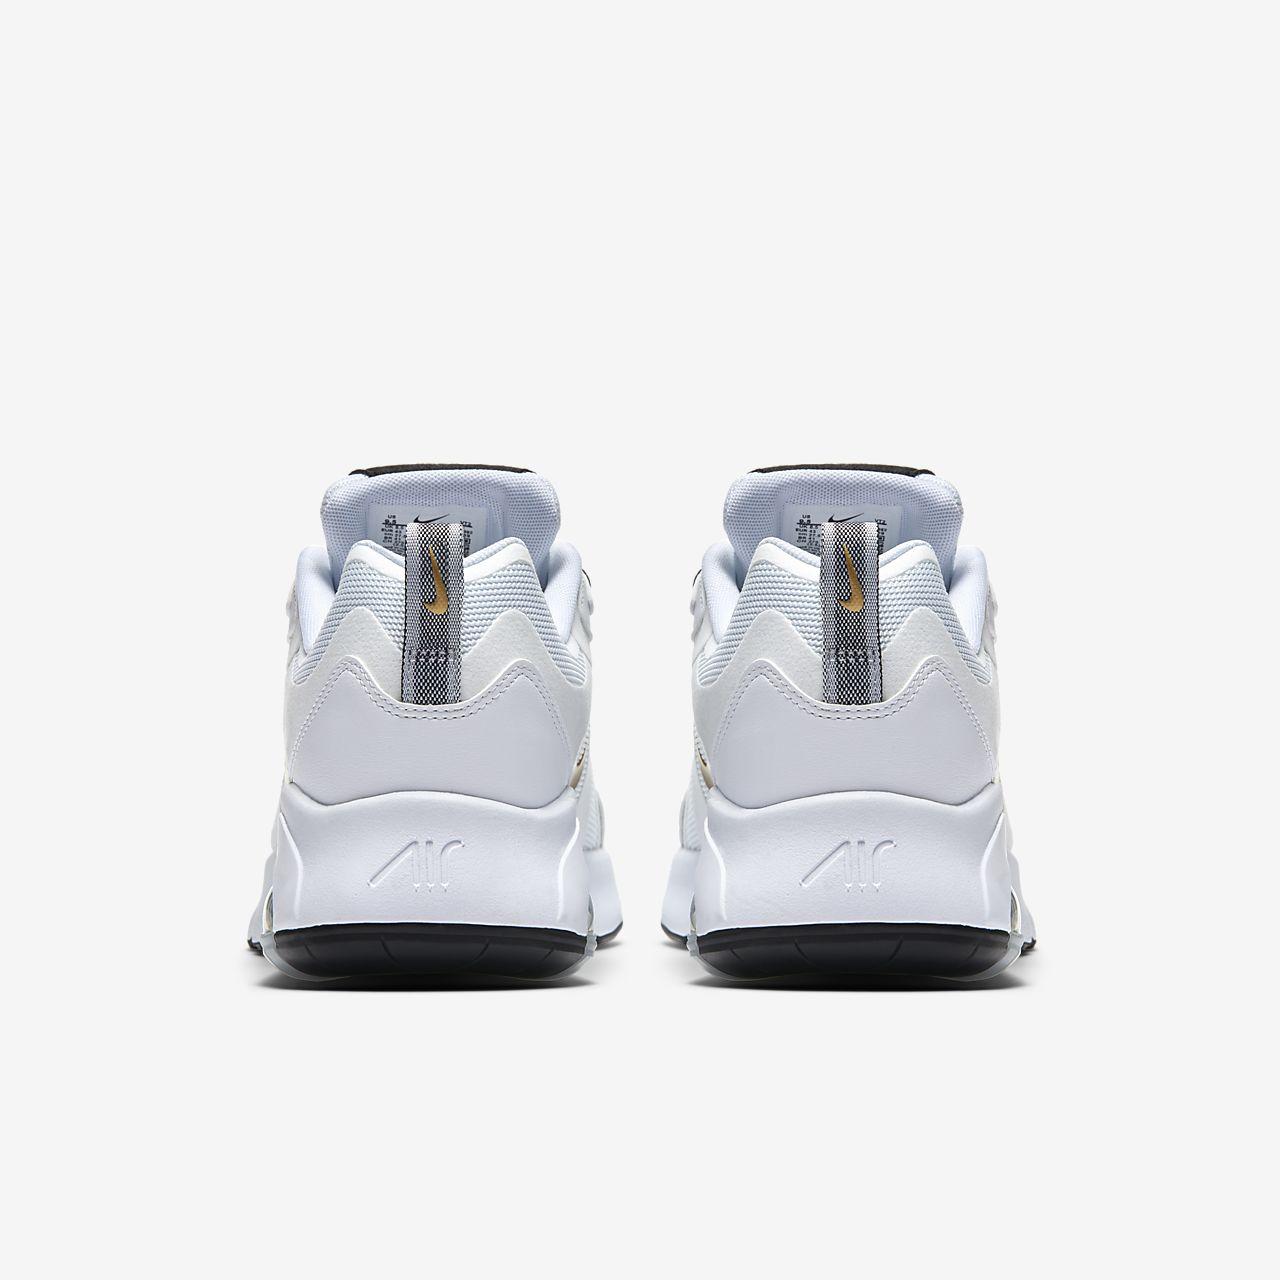 Nike Air Max 200 AQ2568 102 Blanc or Métallique Noir Homme